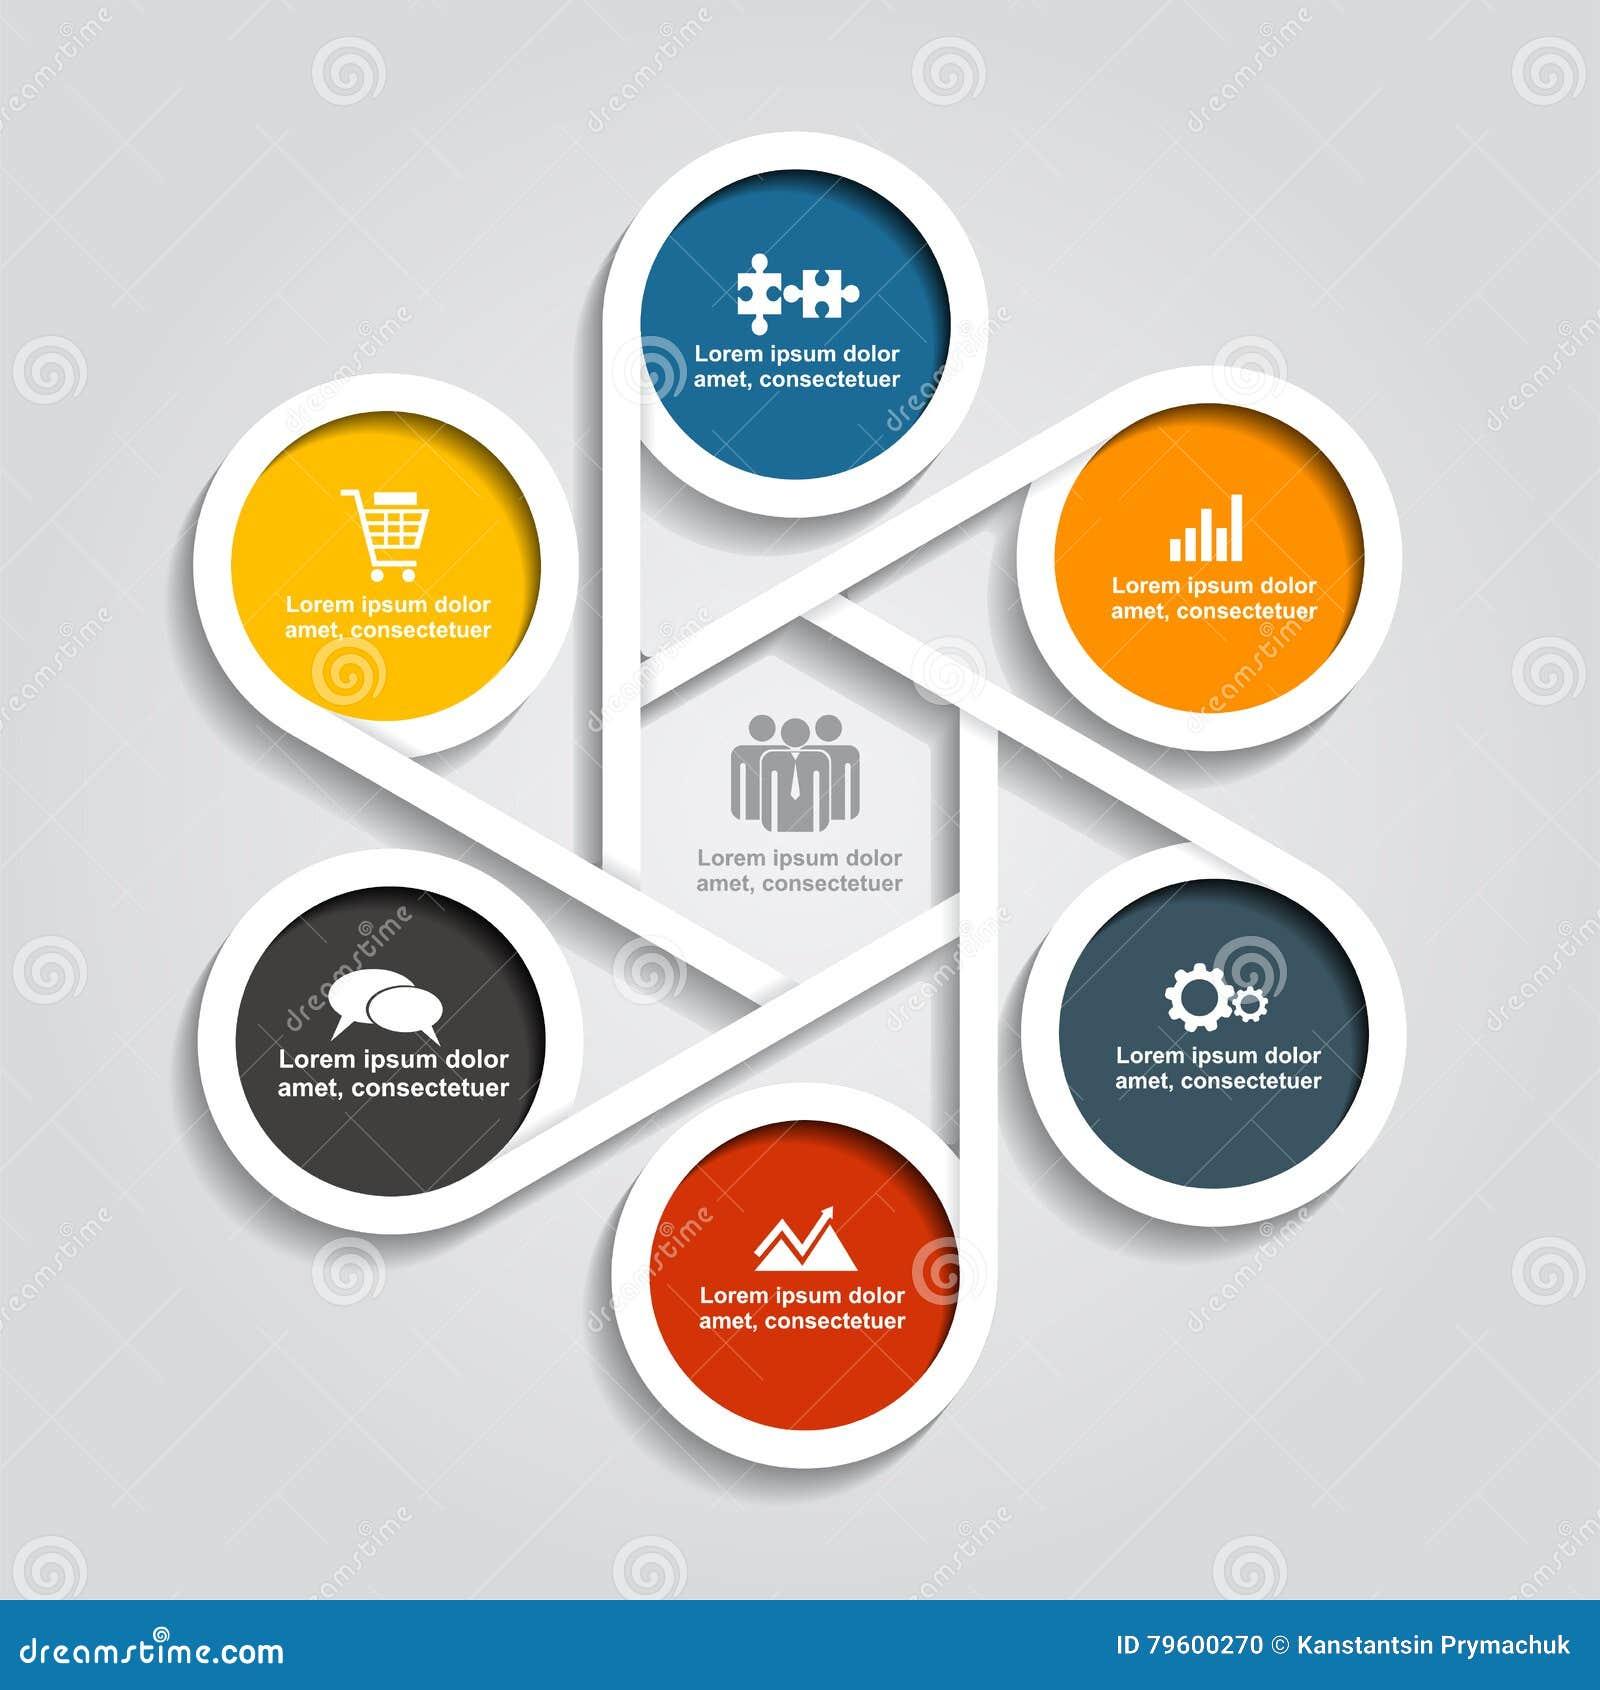 Projeto de Infographic com elementos e ícones Ilustração do vetor